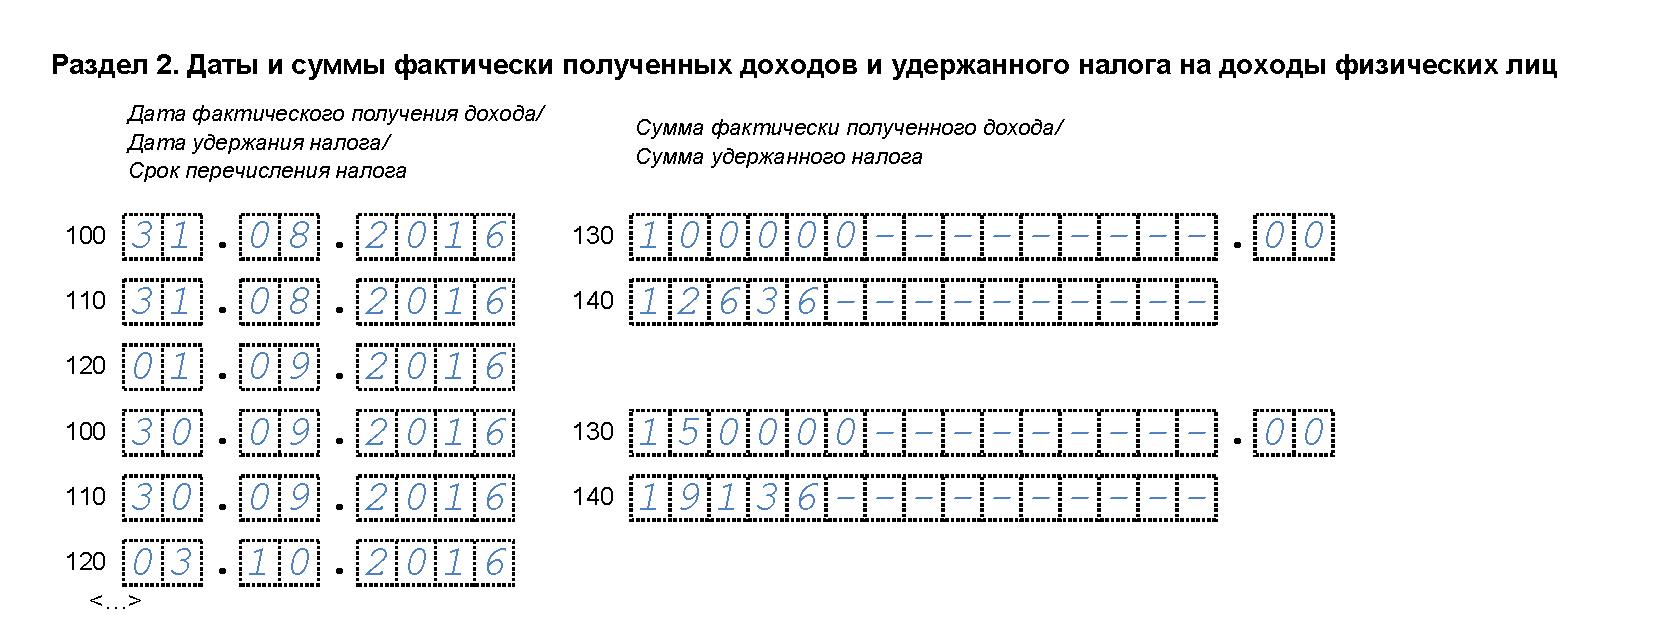 адв 1 на белоруса образец заполнения